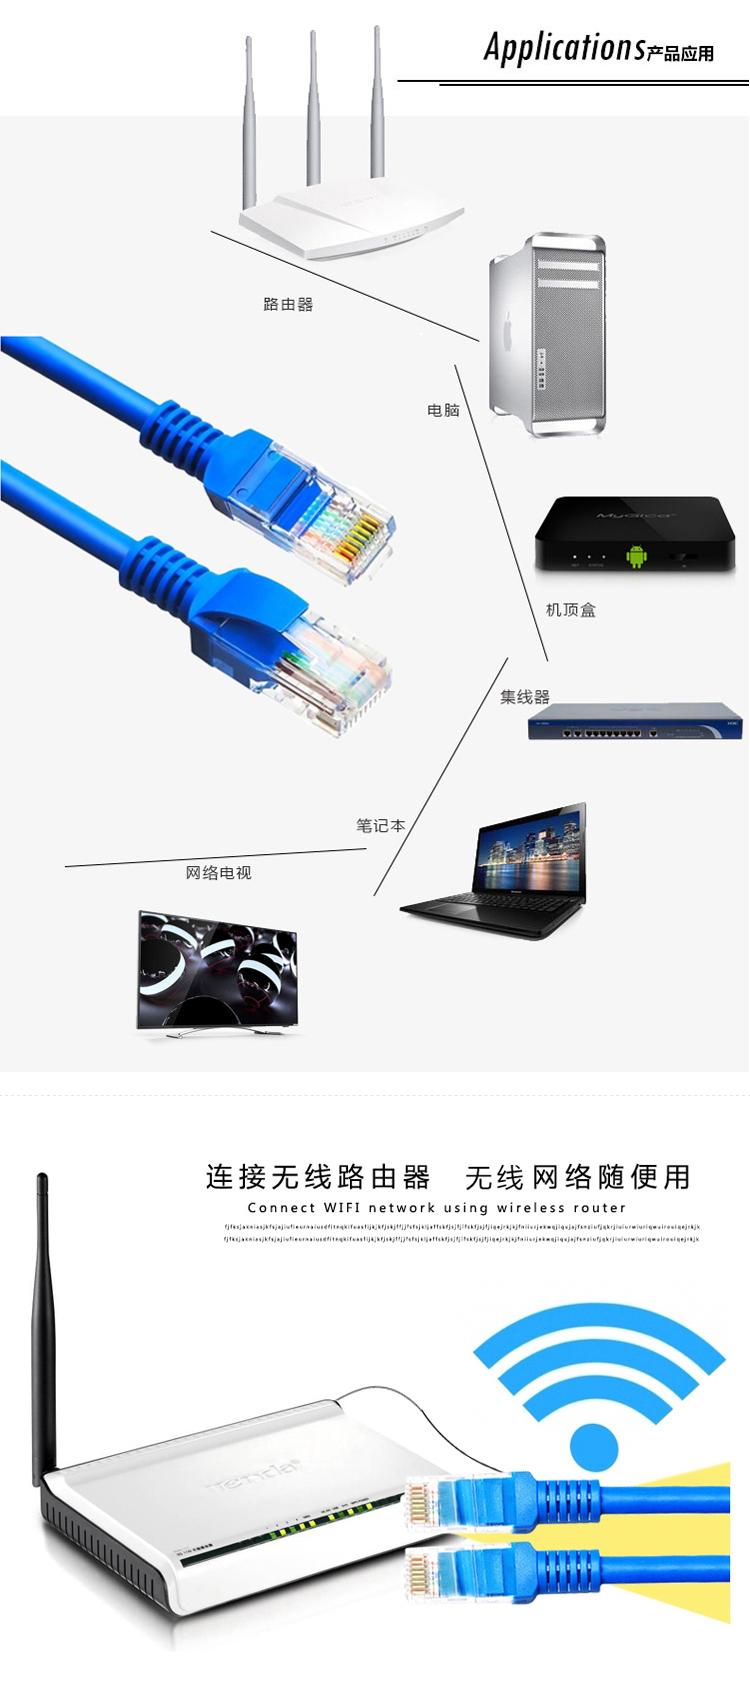 Connectors 50FT 15M RJ45 CAT5 CAT5E Ethernet Internet LAN Network Cord Cable Z09 Cable Length: 15m